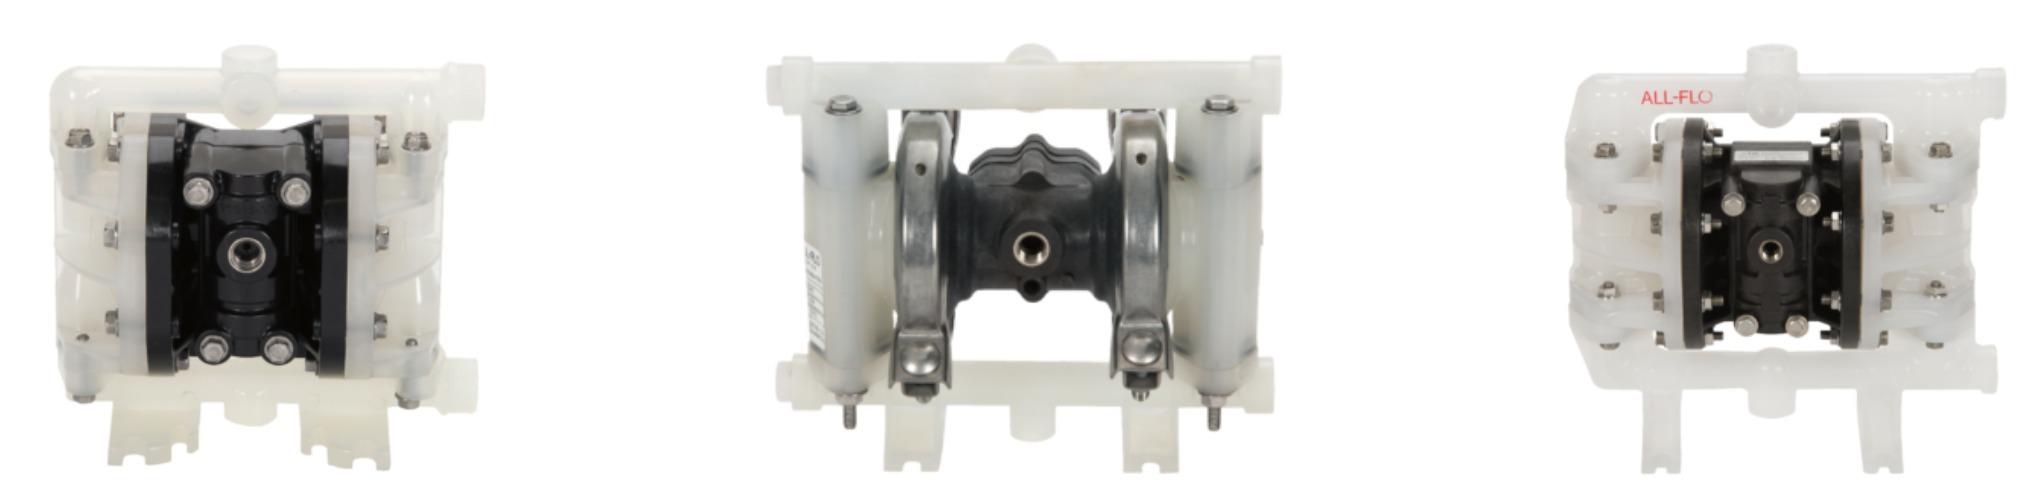 Diaphragm Pump Engine (@diaphragmpumps) Cover Image